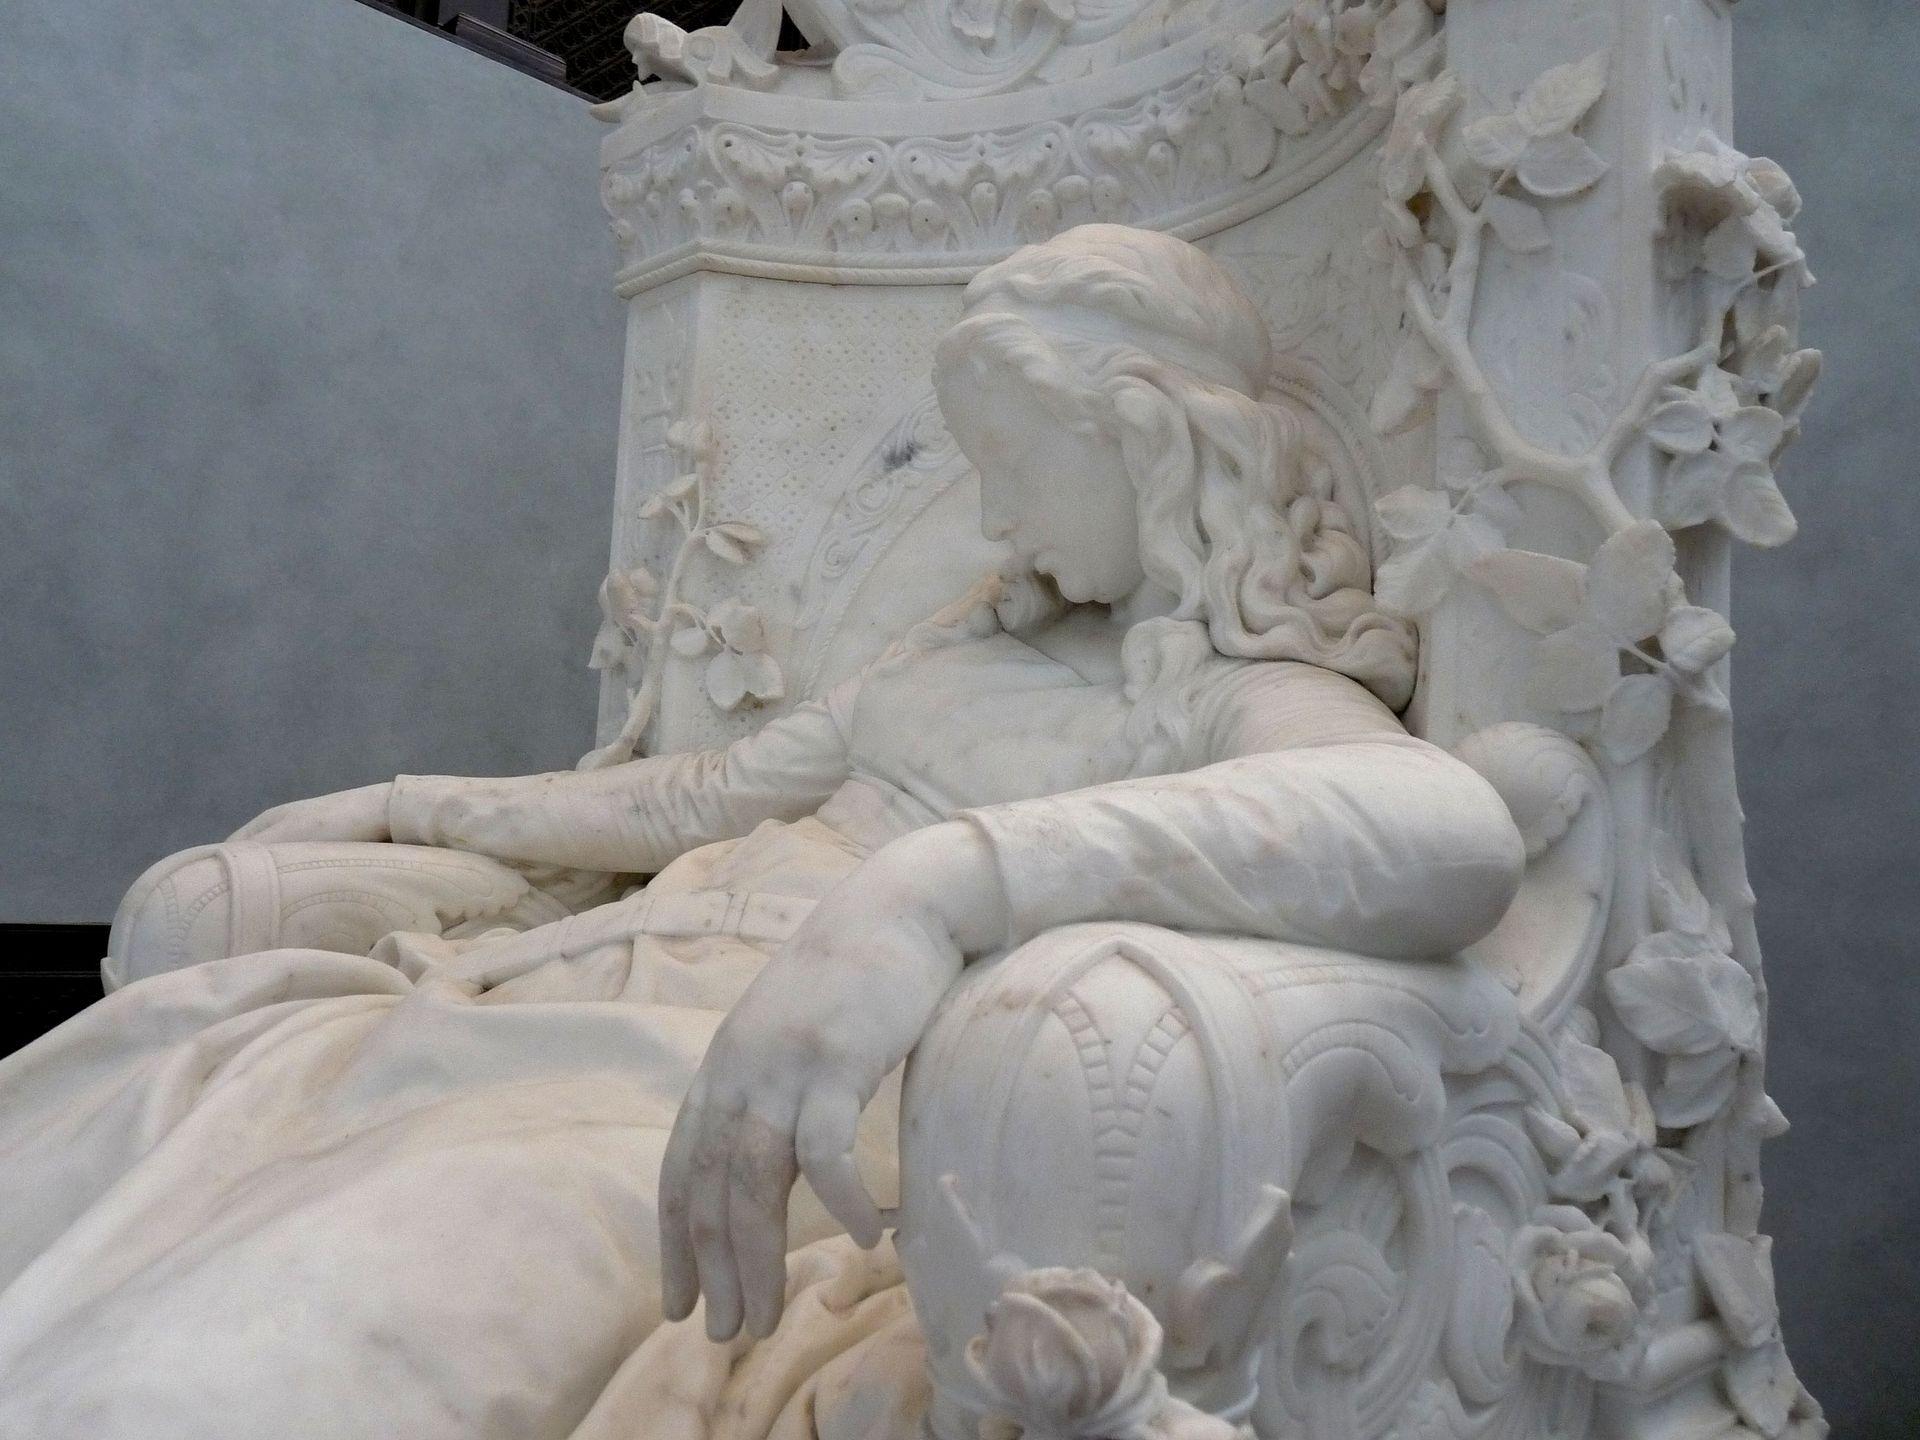 1880, La Belle au bois dormant, Ludwig Sussman-Helborn détail de la sculpture